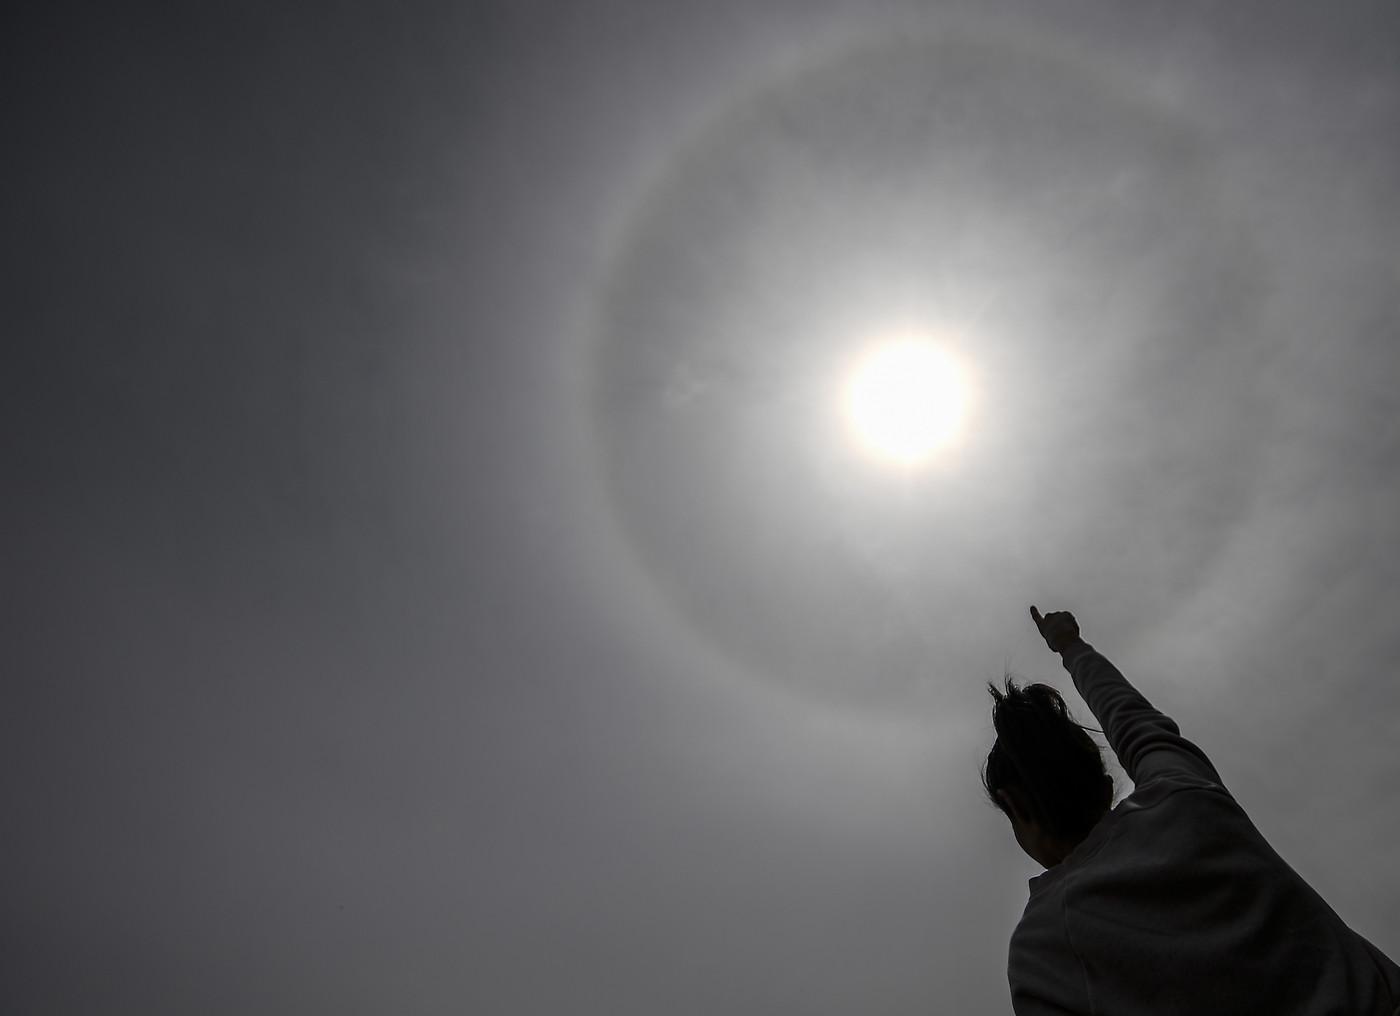 Sole-con-alone-fenomeno-nel-cielo-nord-italia-spiegazione